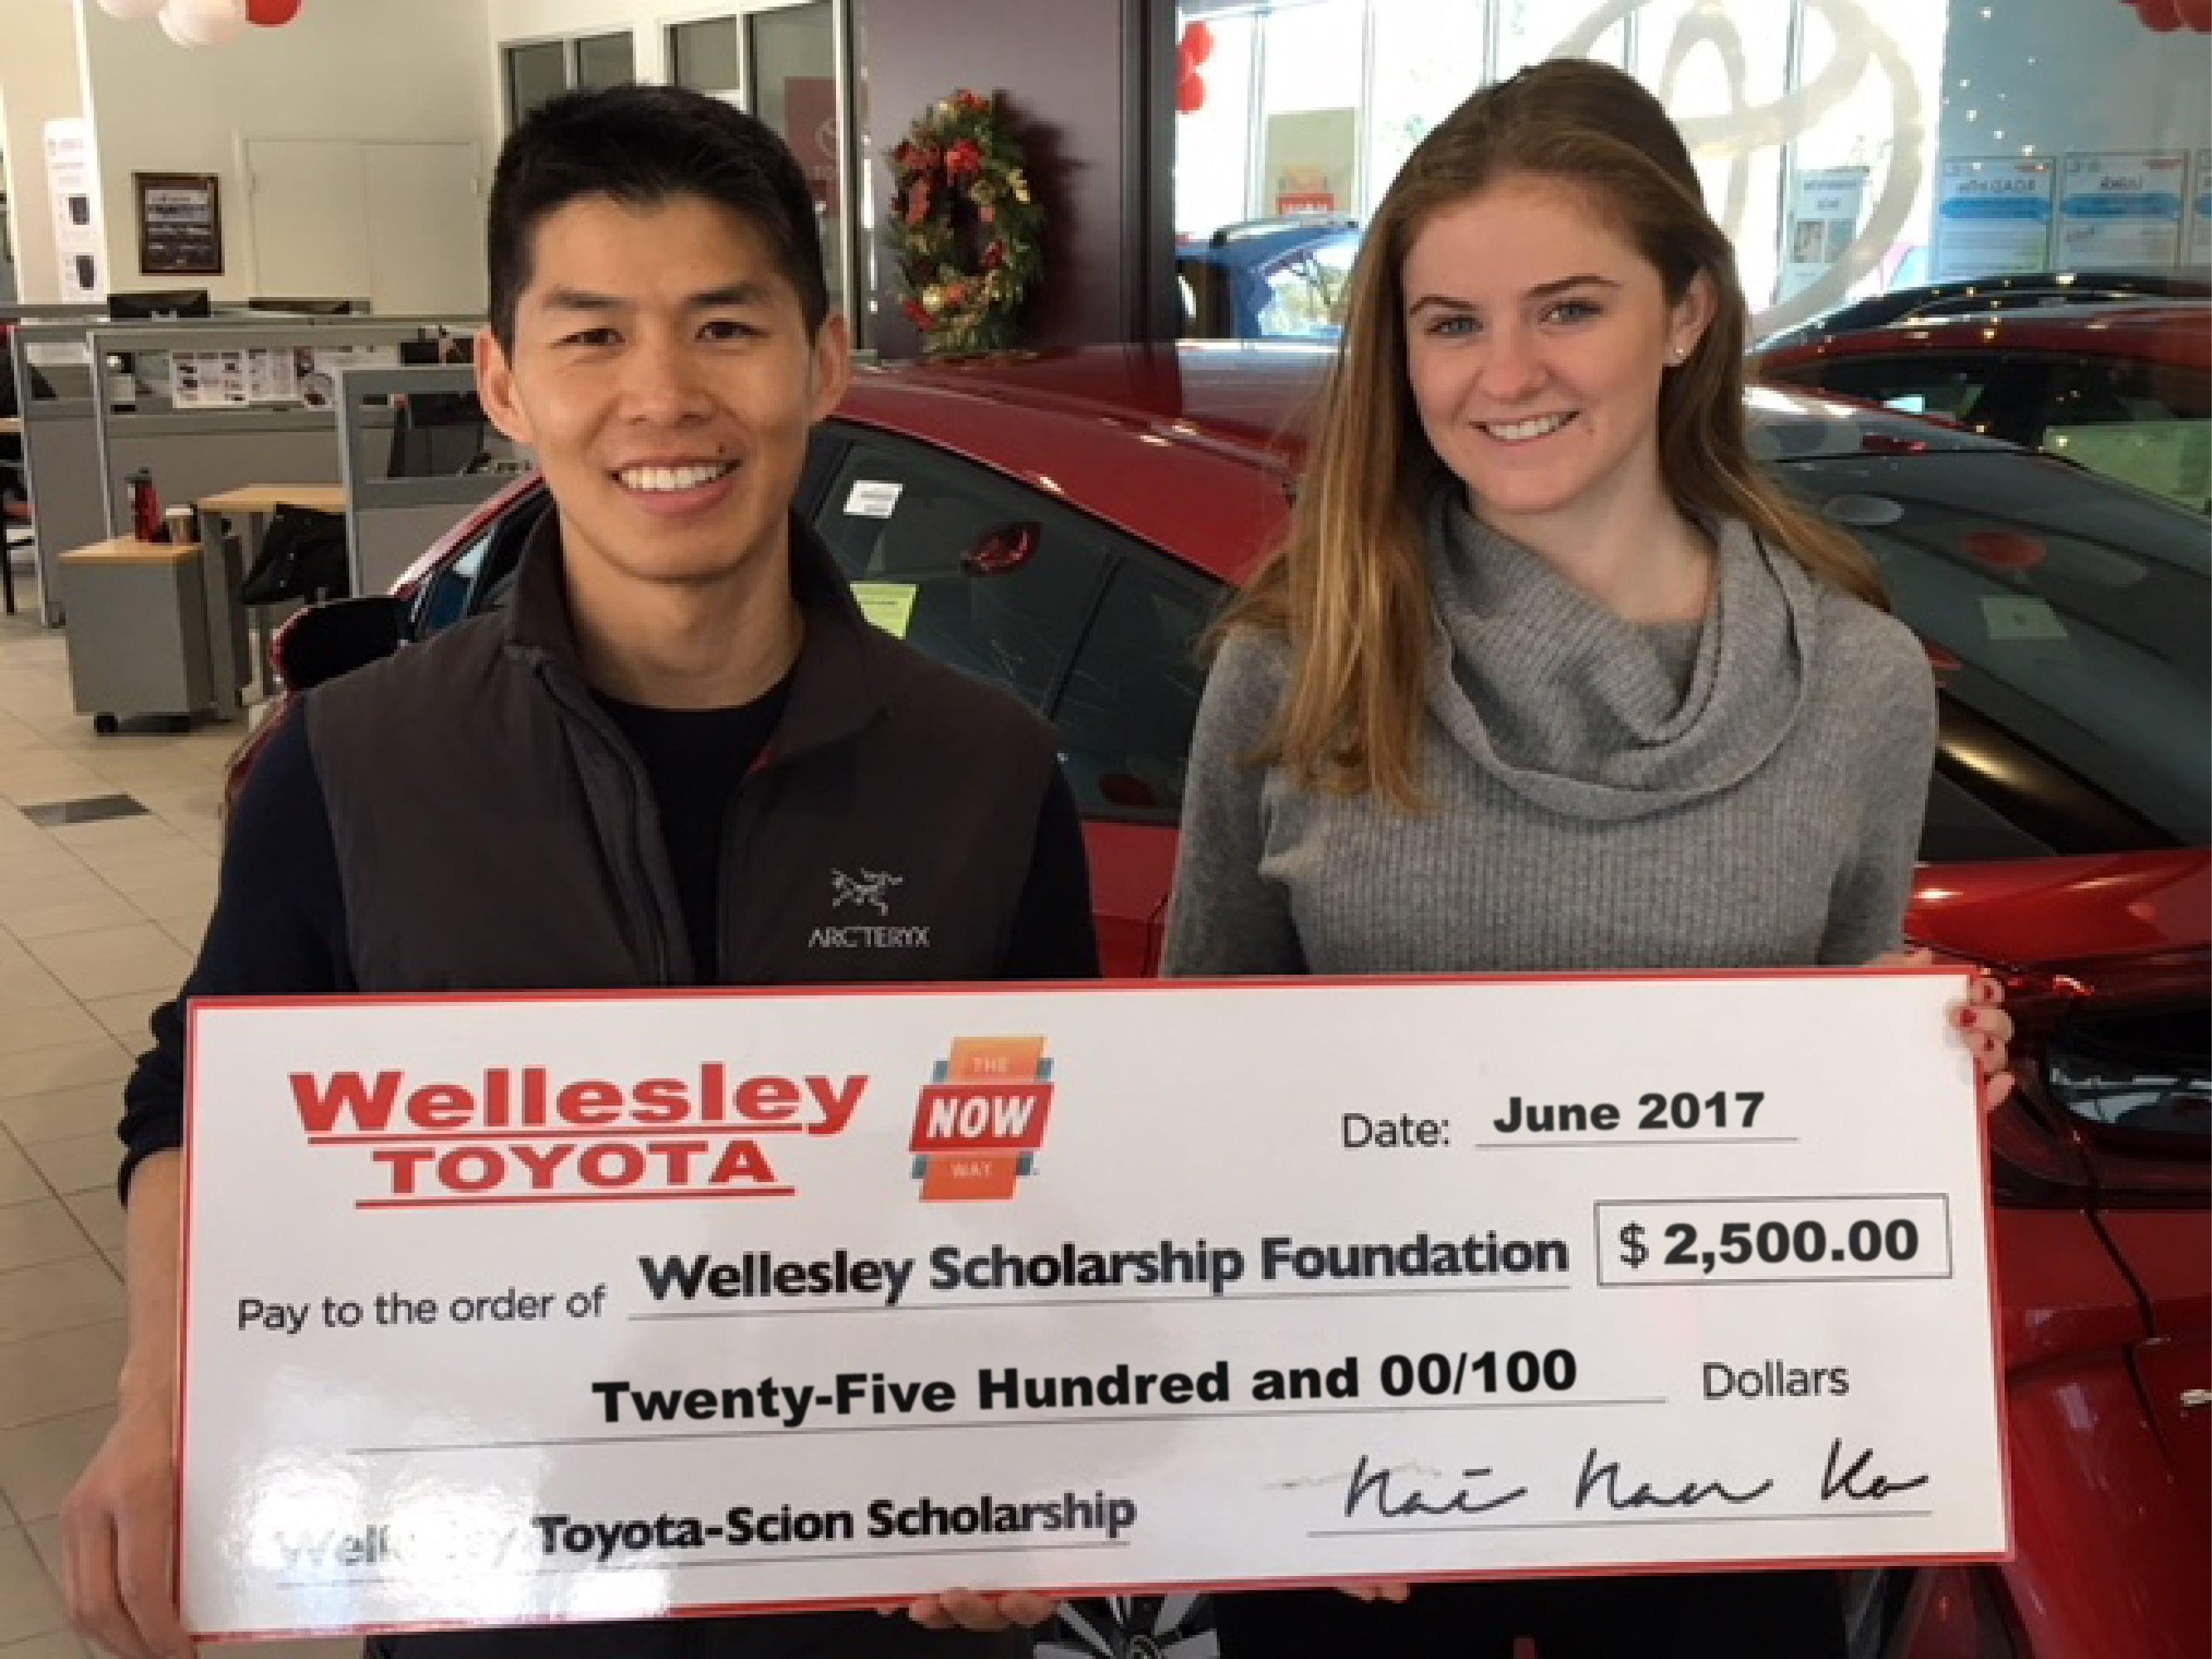 Wellesley Toyota Scholarship Wellesley Toyota